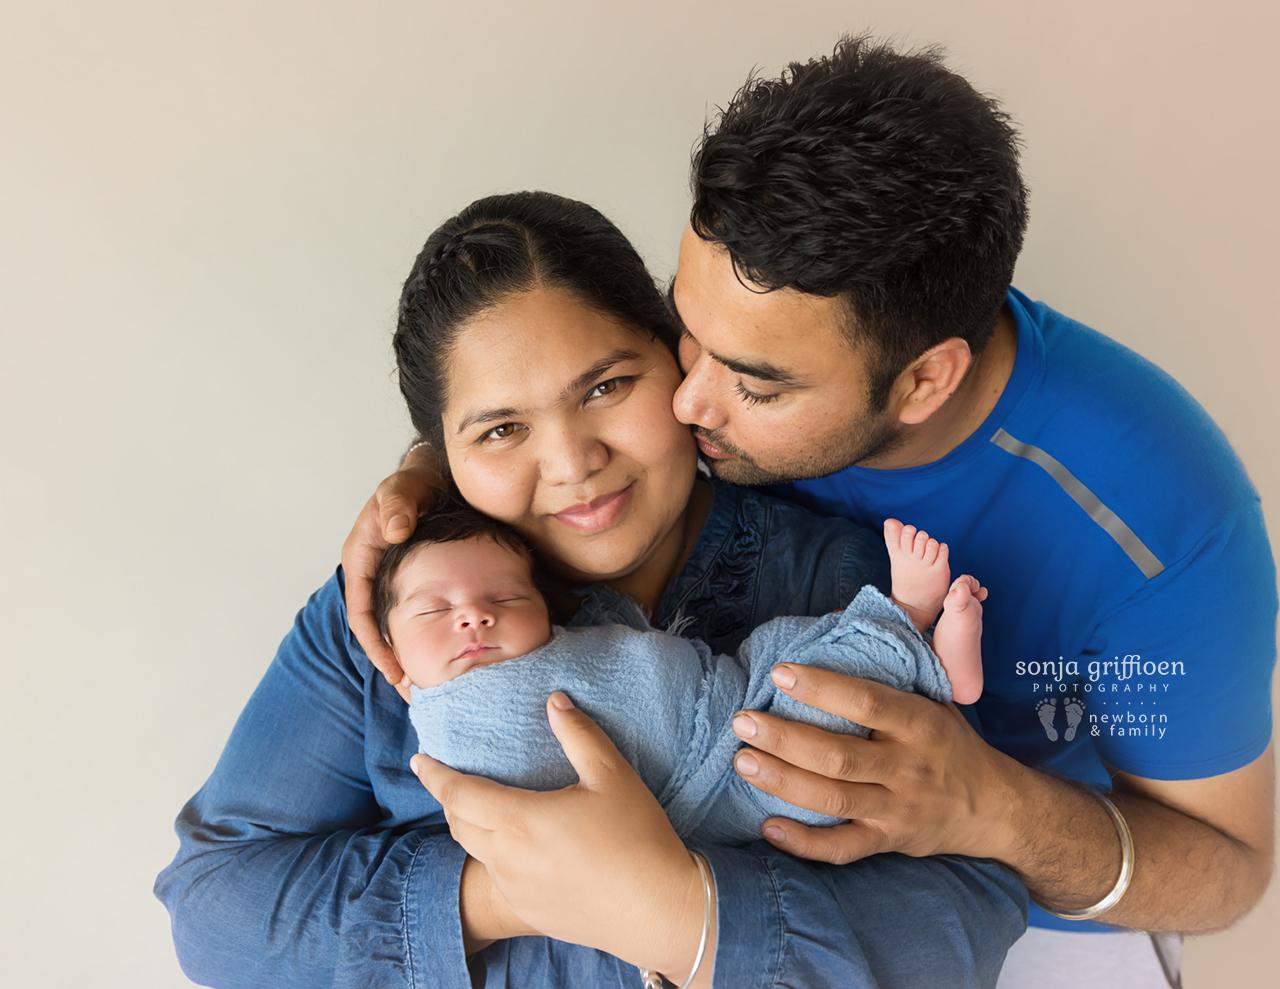 Dilsamraat-Newborn-Brisbane-Newborn-Photographer-Sonja-Griffioen-15.jpg